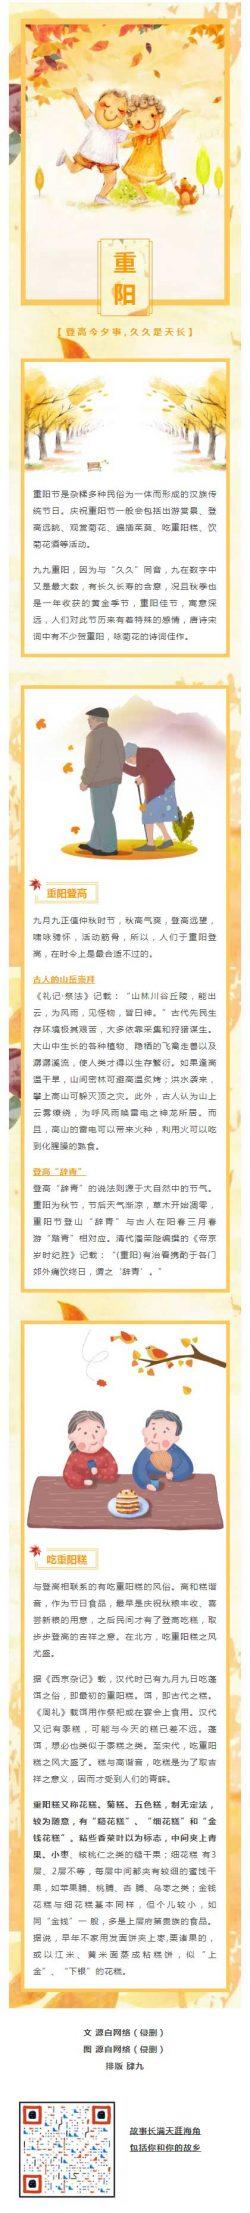 重阳节民俗汉族传统节日中国风微信推文模板